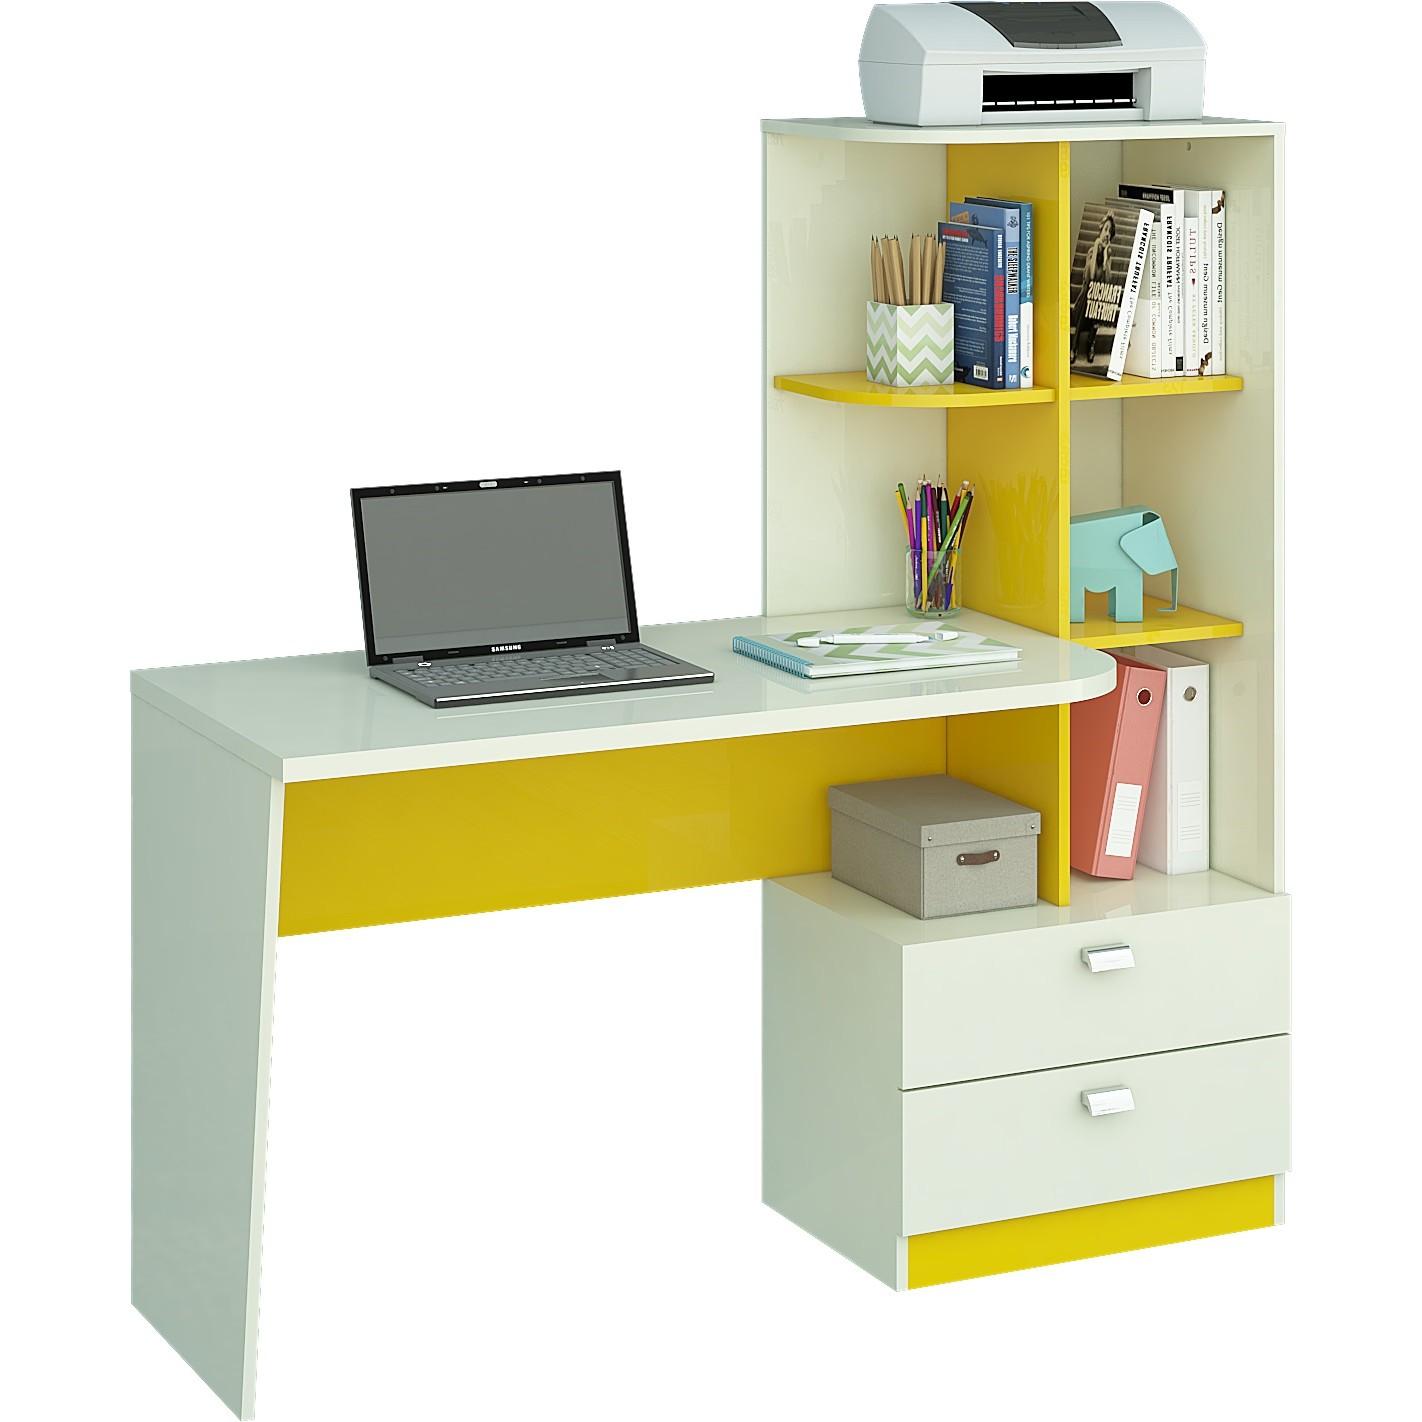 Mesa Computador Elisa Branca Amarela 134cm - Permobili